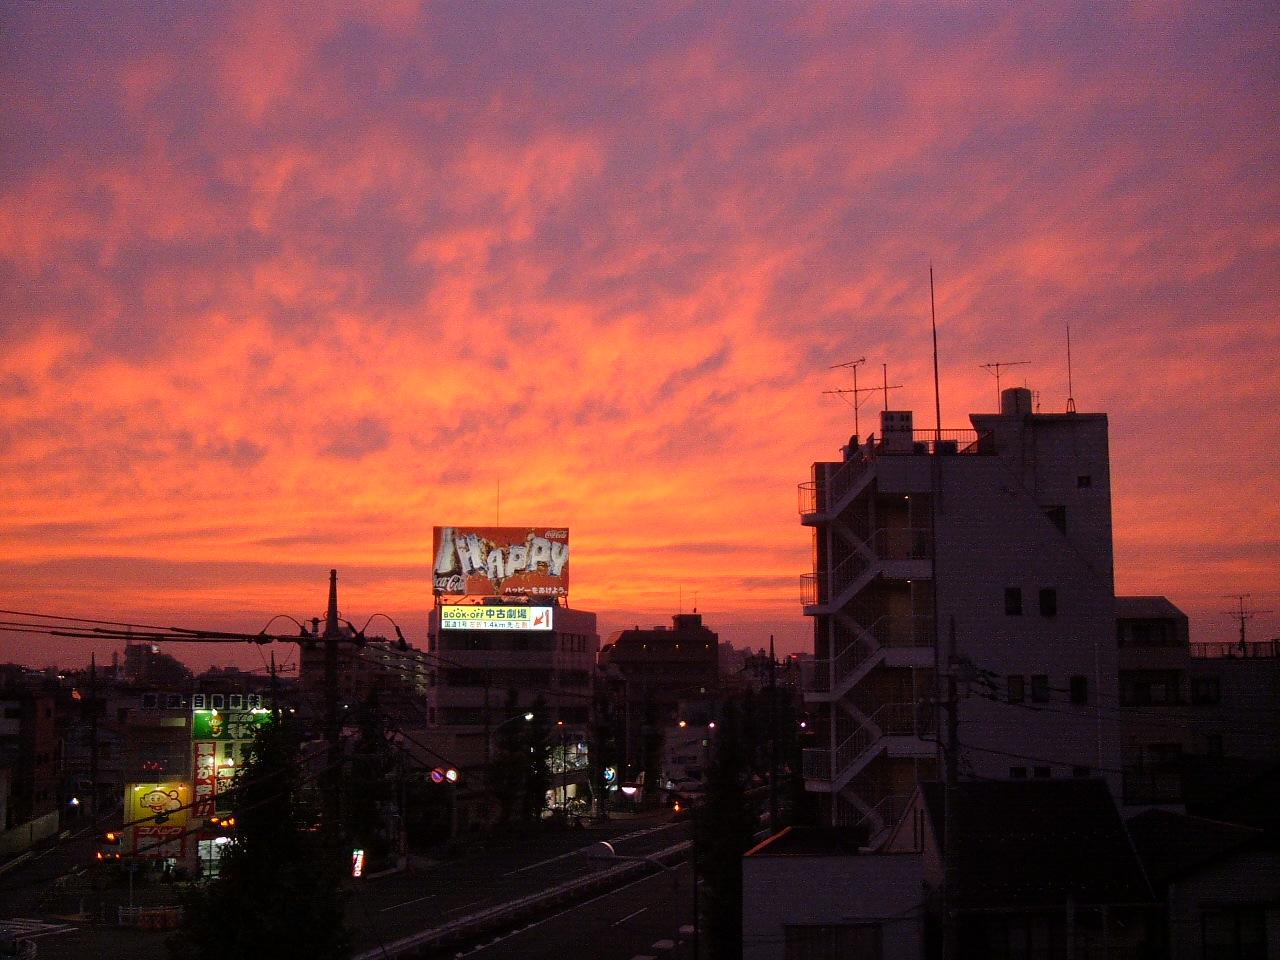 素敵な夕焼け_d0100125_18101519.jpg